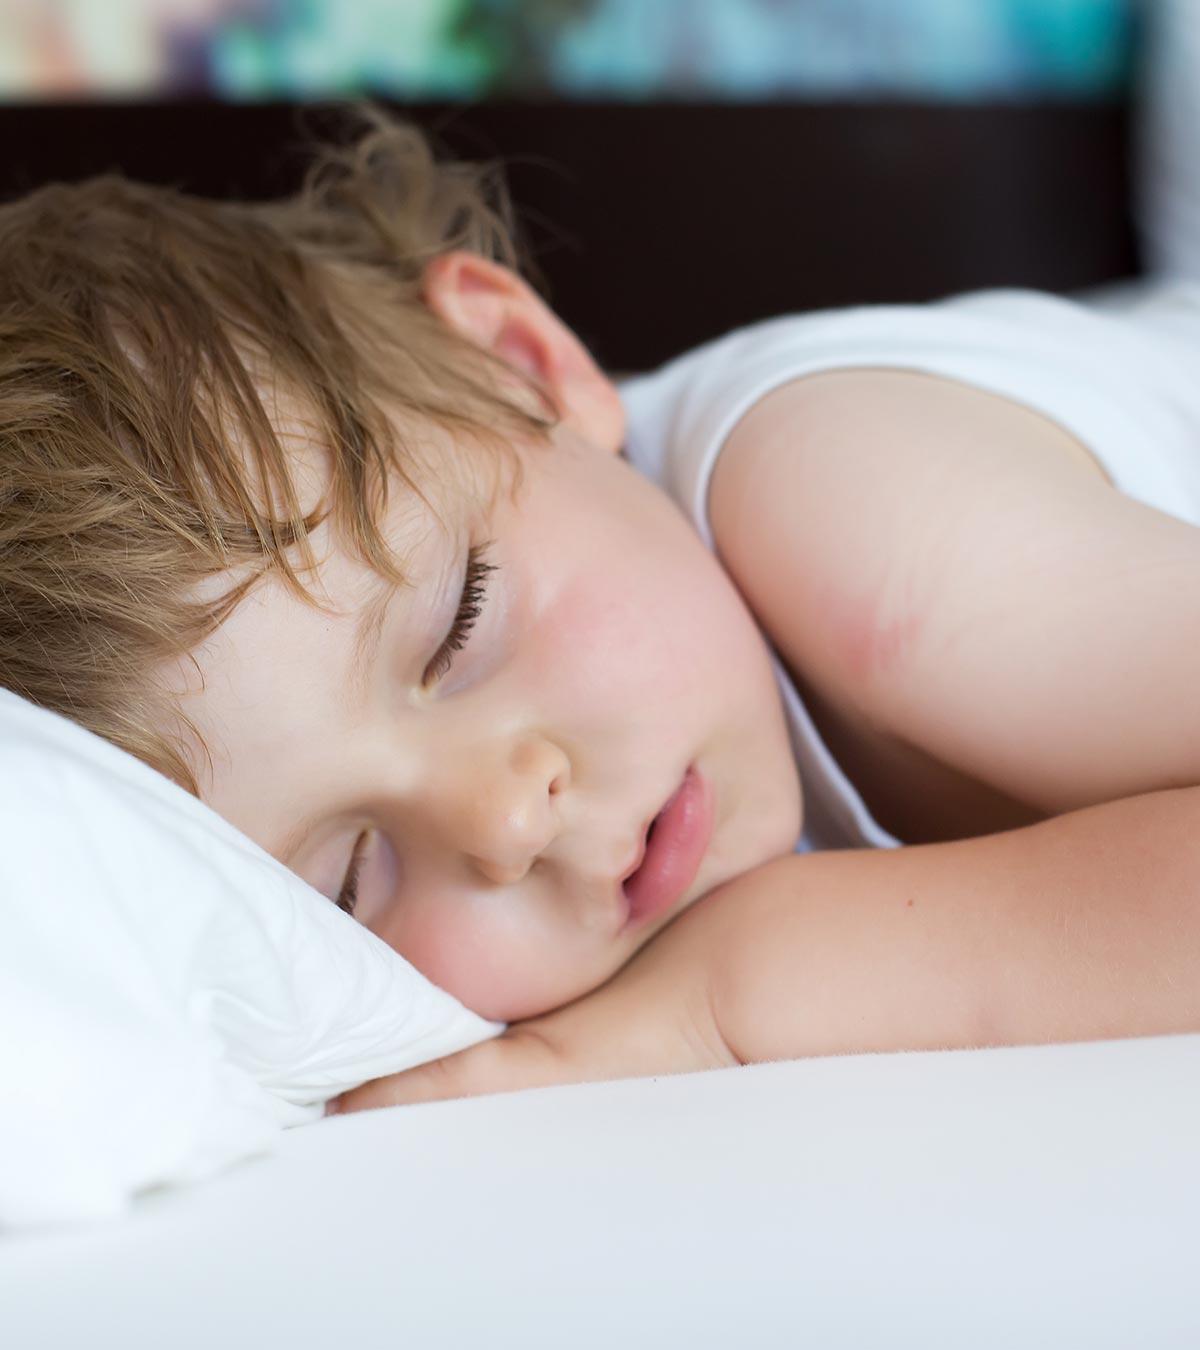 human papillomavirus in babies